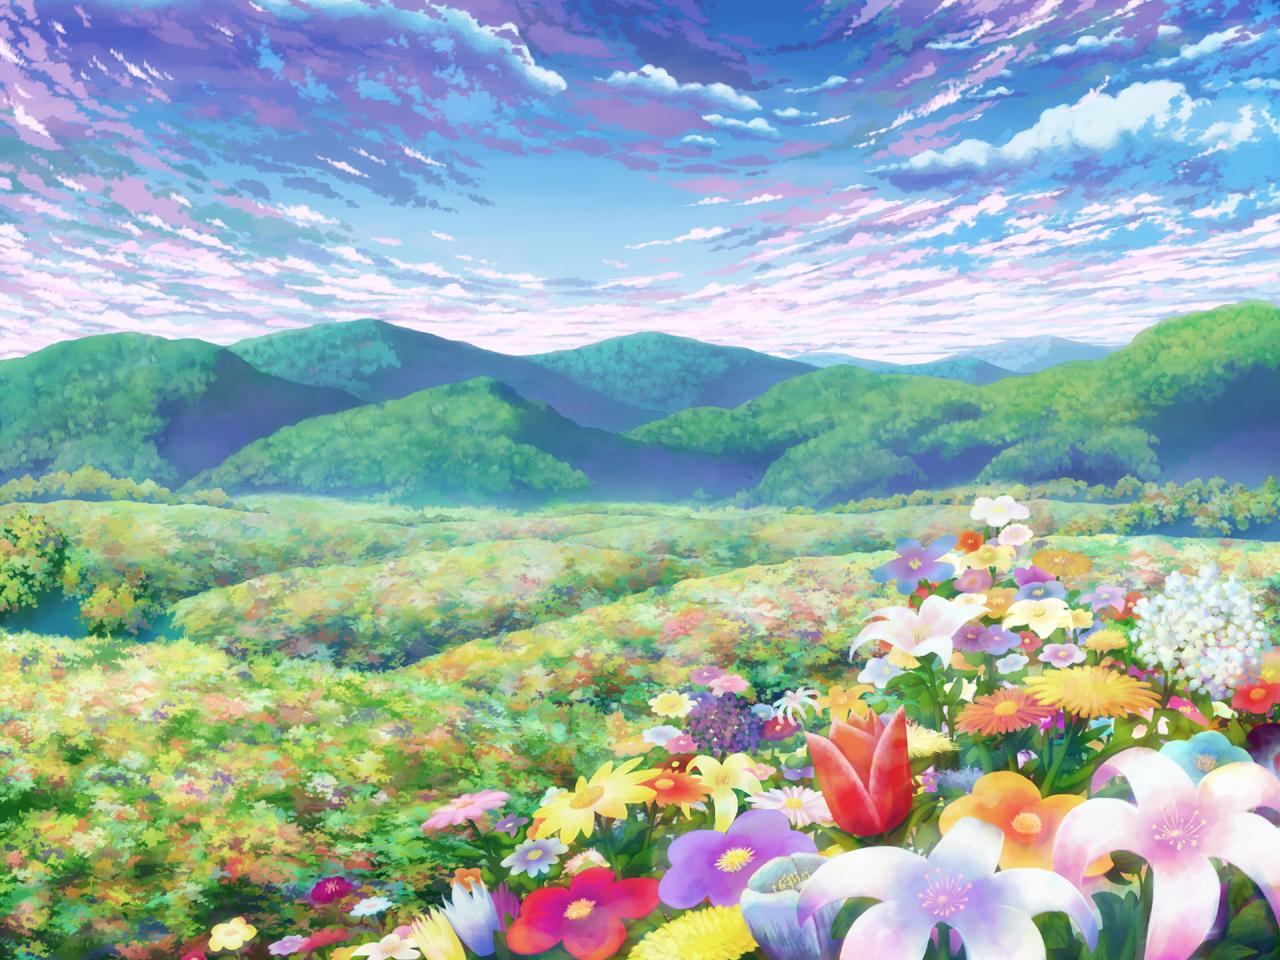 Kwiatowa polana 5693499055800320000275